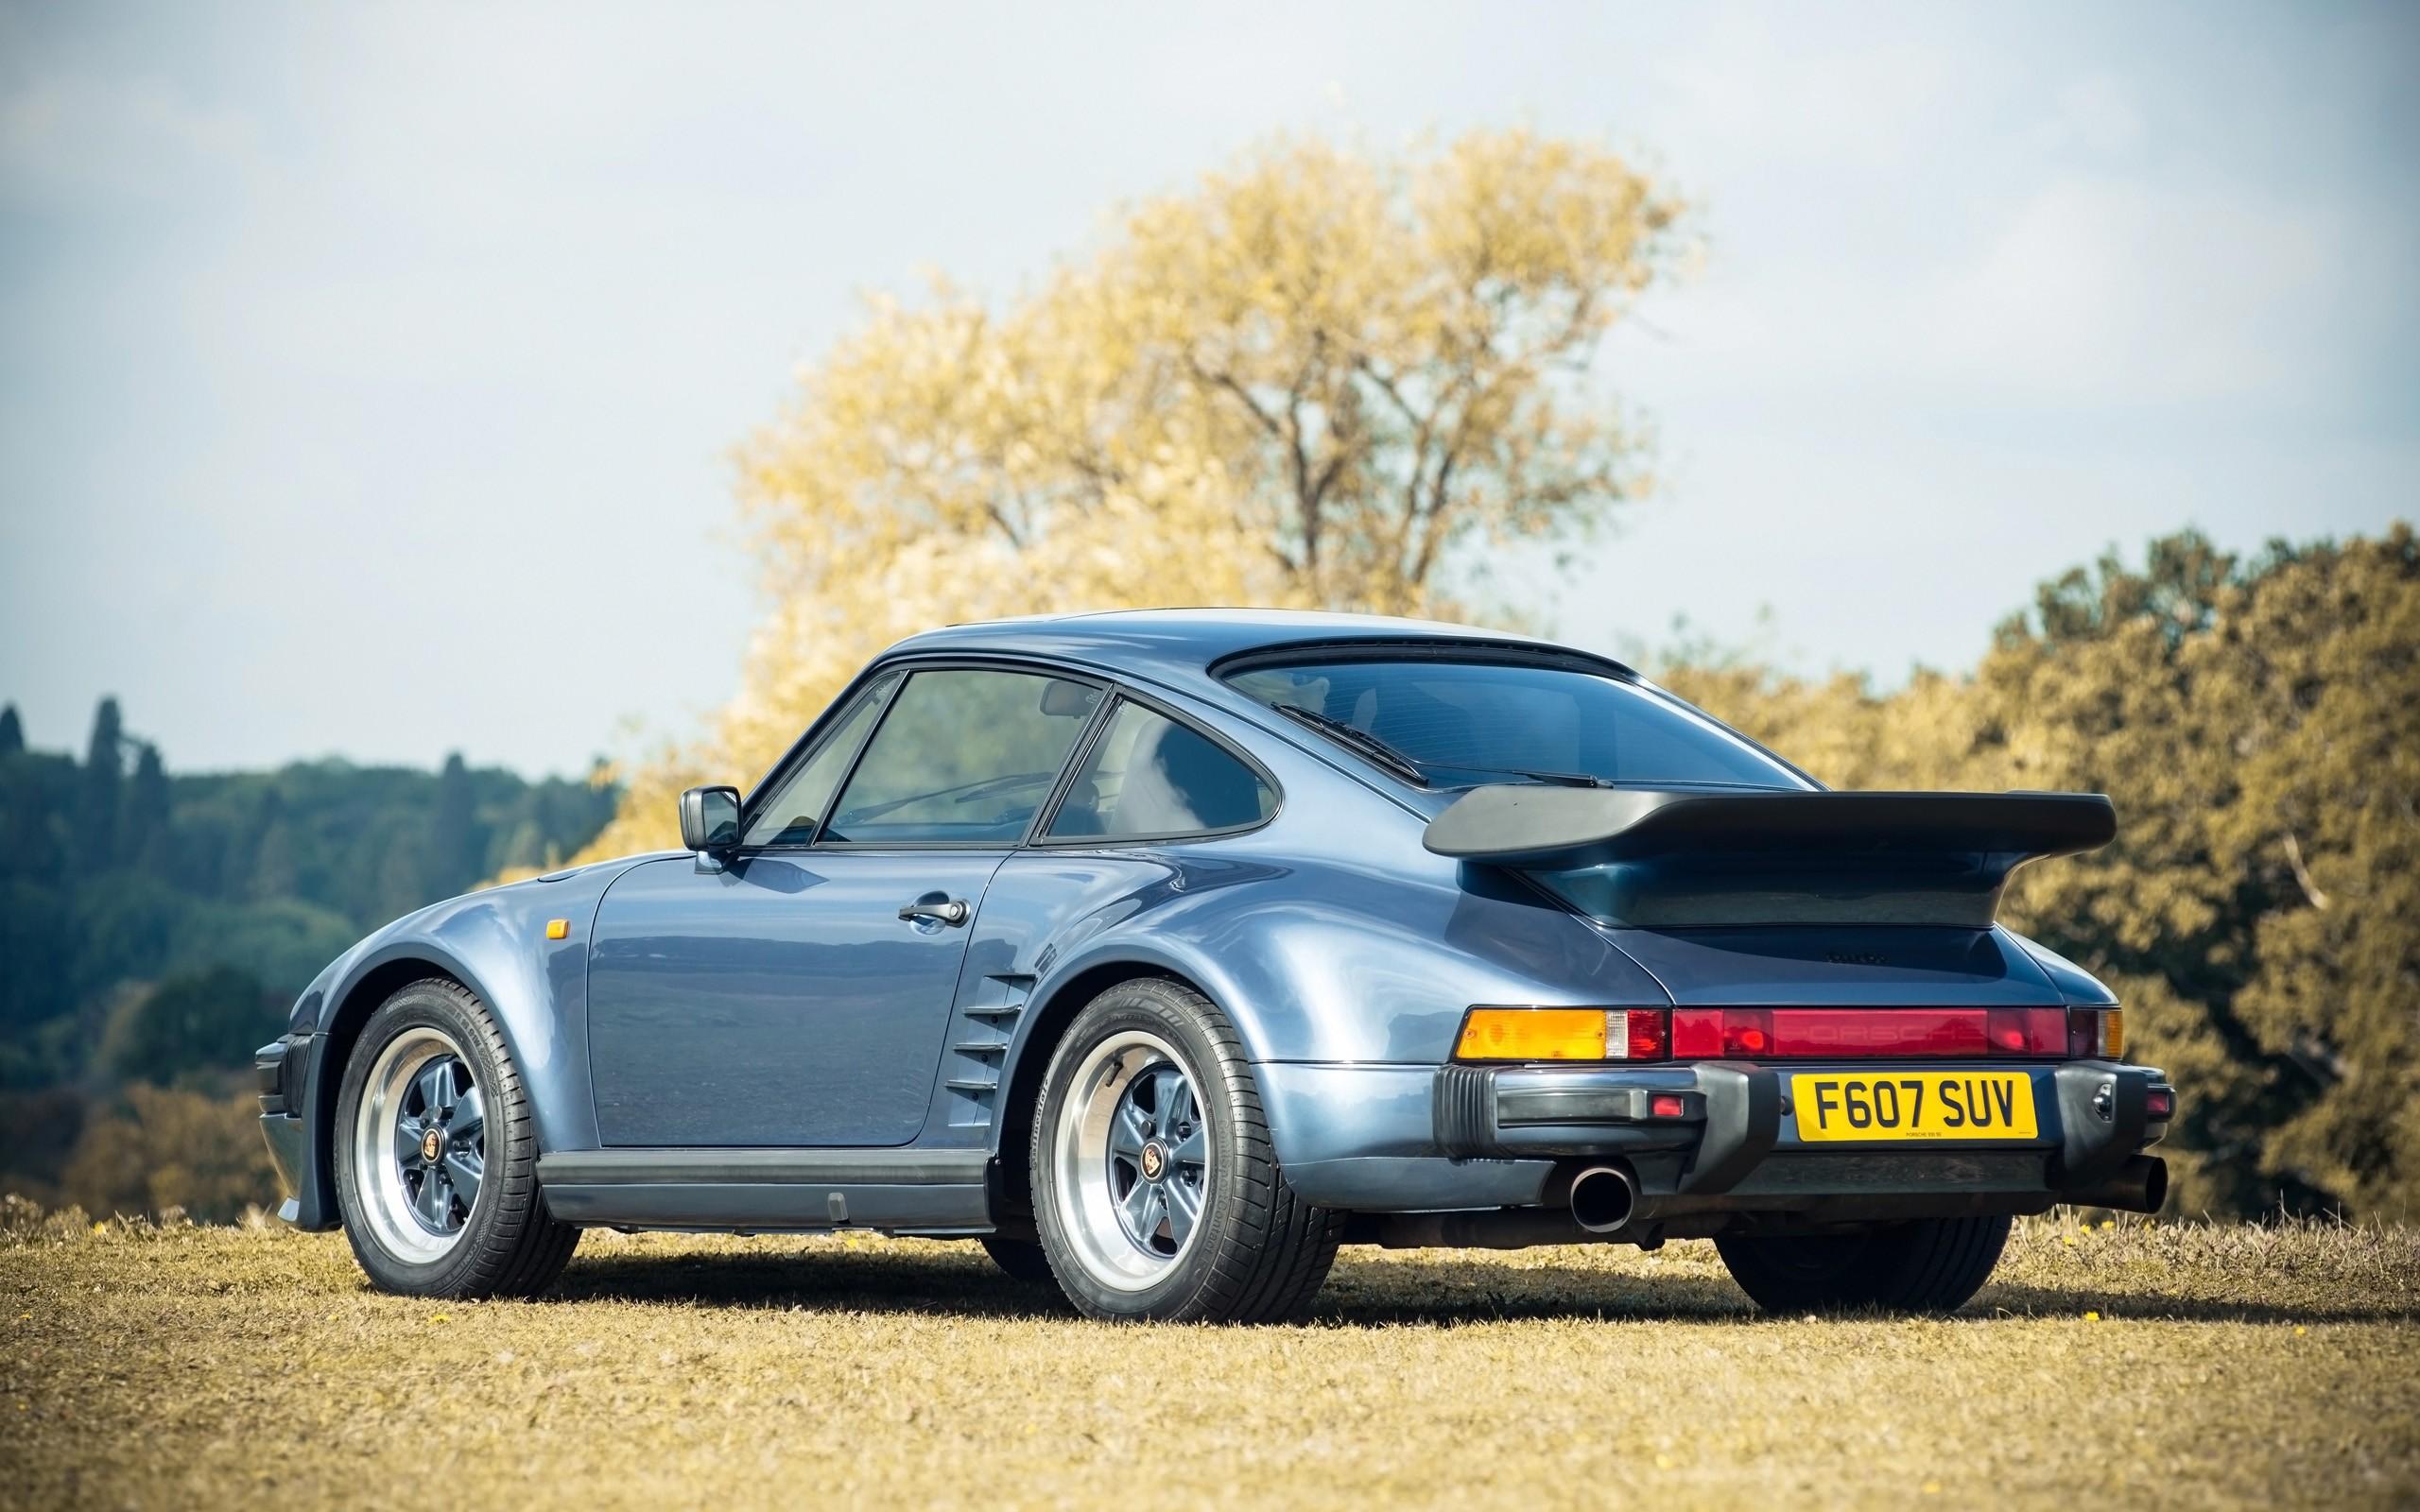 Porsche 911 turbo flachbau 930 specs 1981 1982 1983 1984 porsche 911 turbo flachbau 930 1981 1989 vanachro Gallery